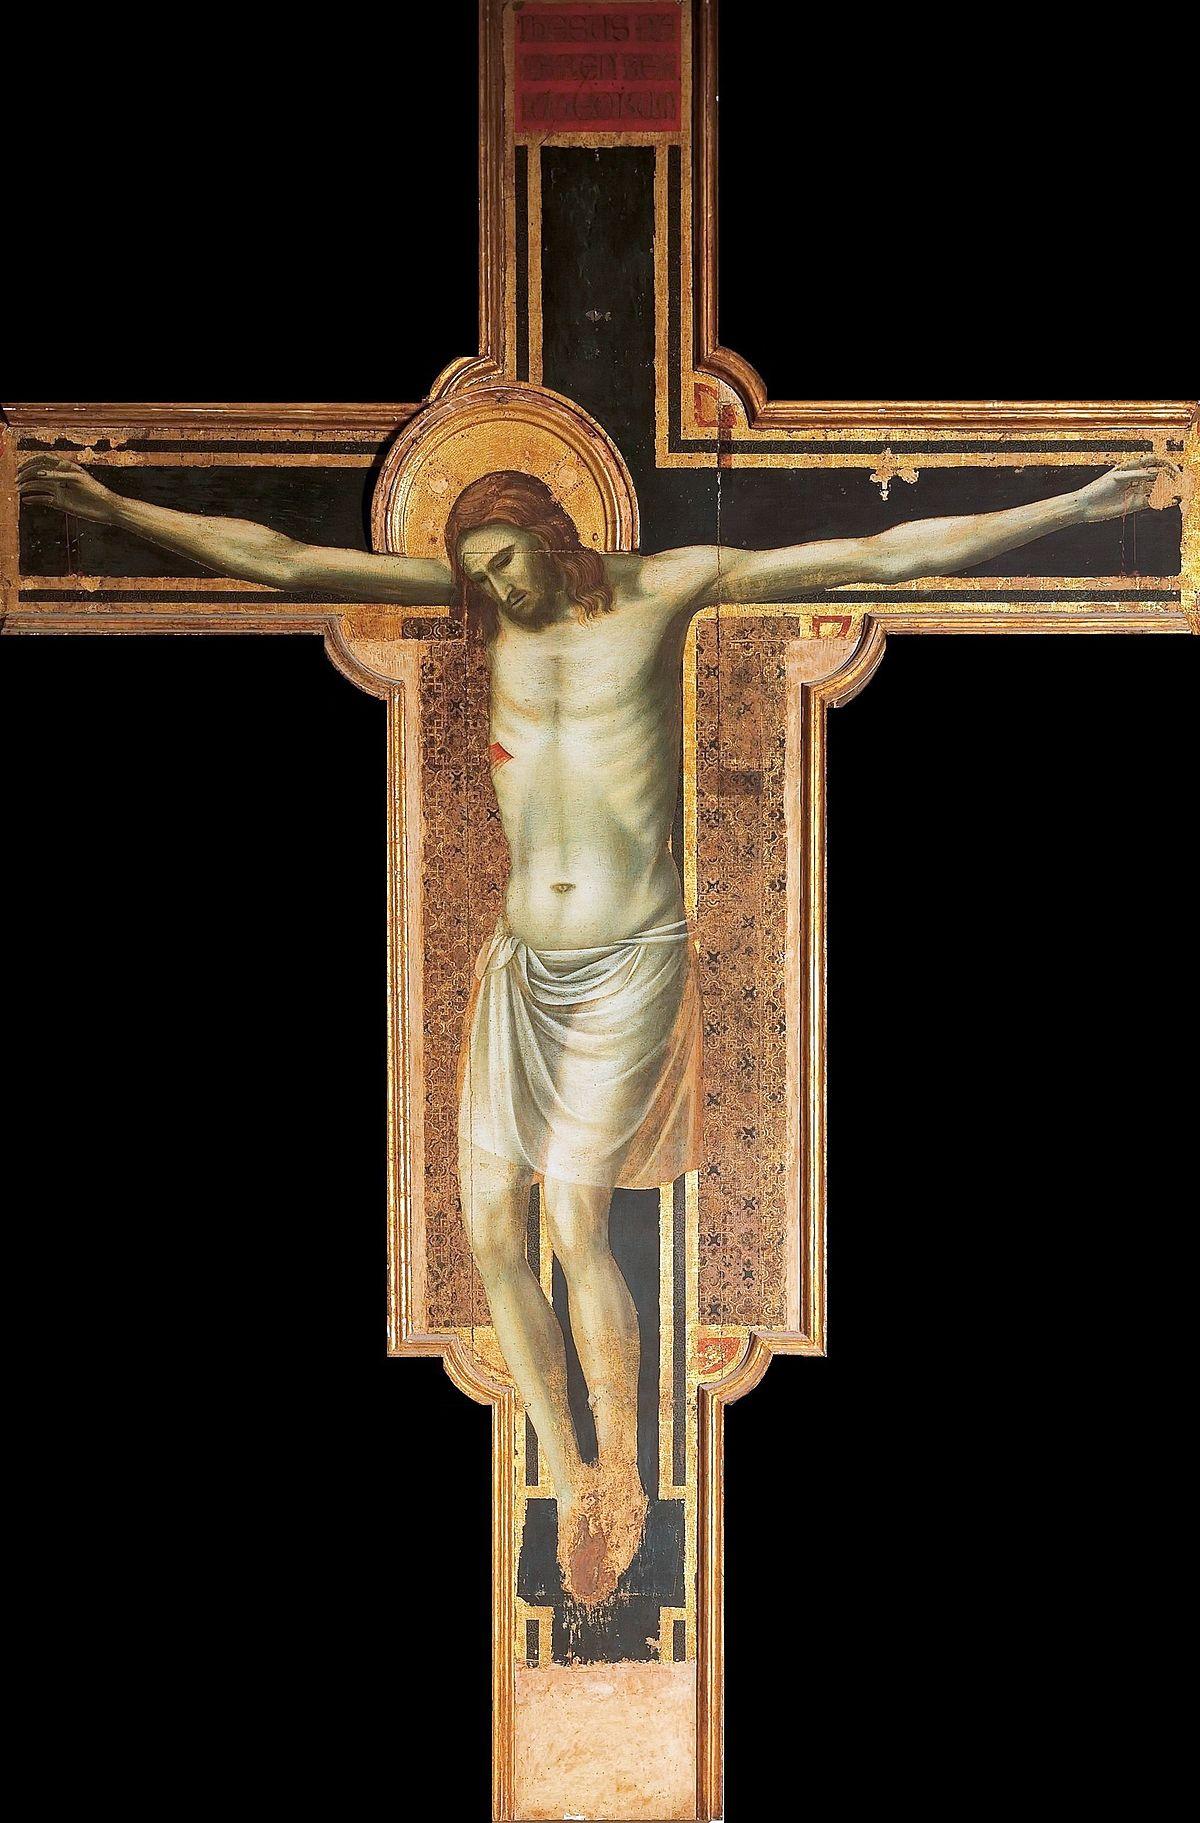 Giotto di Bondone, Crocifisso, 1299-1300, Tempo Malatestiano (già Chiesa di San Francesco), Rimini